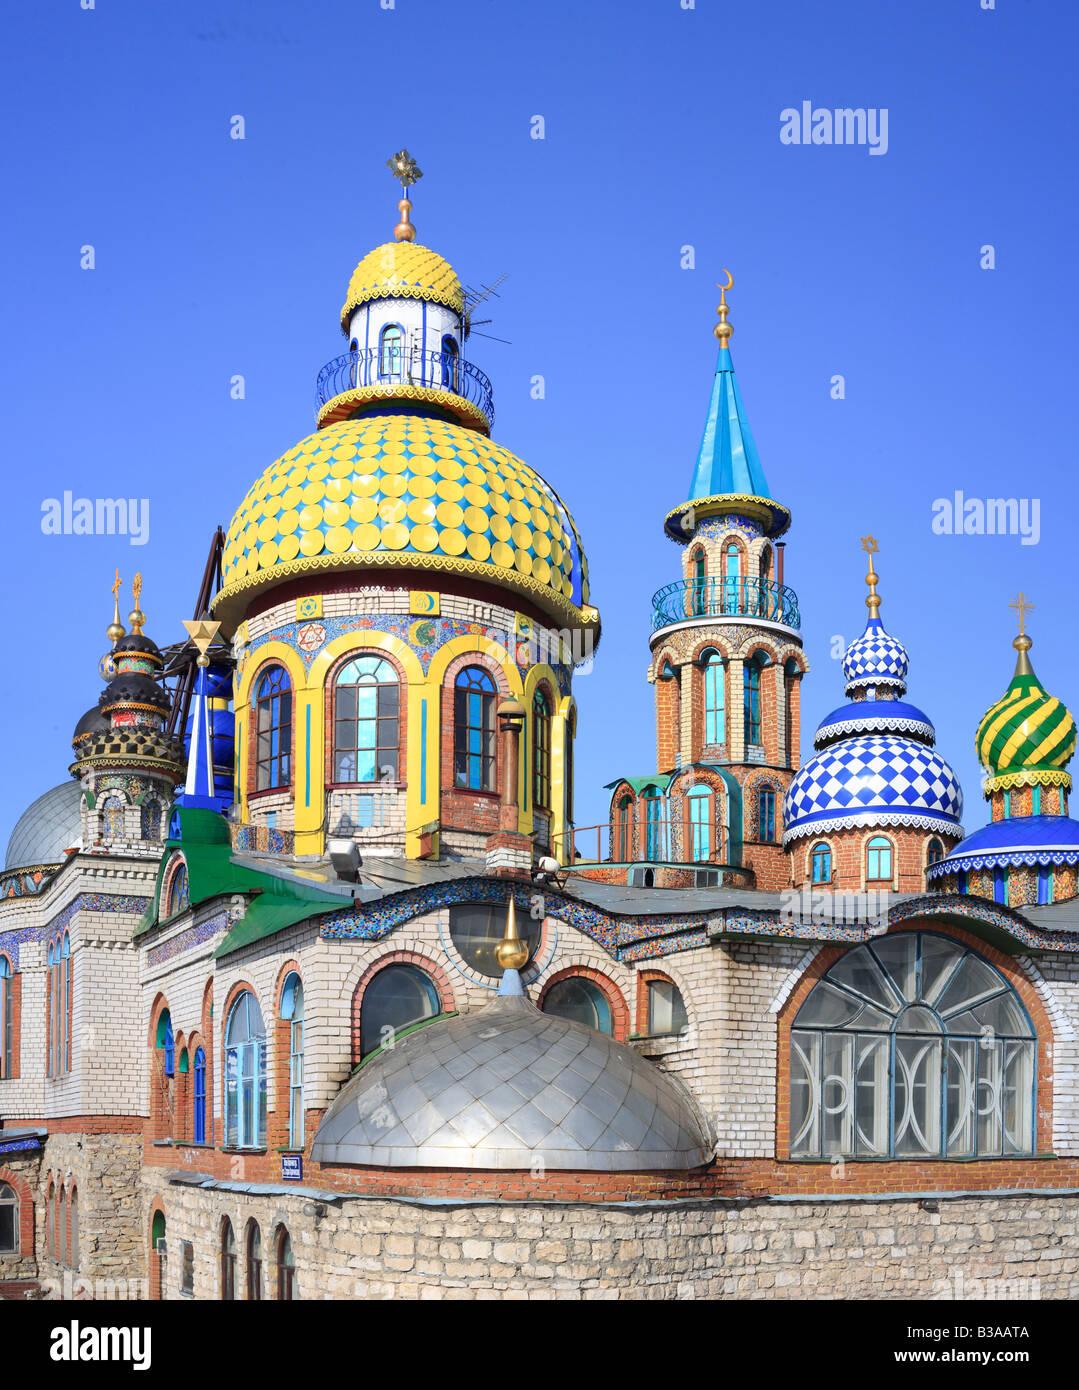 """""""Tempel aller Religionen"""", moderne Architektur, Kazan, Tatarstan, Russland Stockbild"""